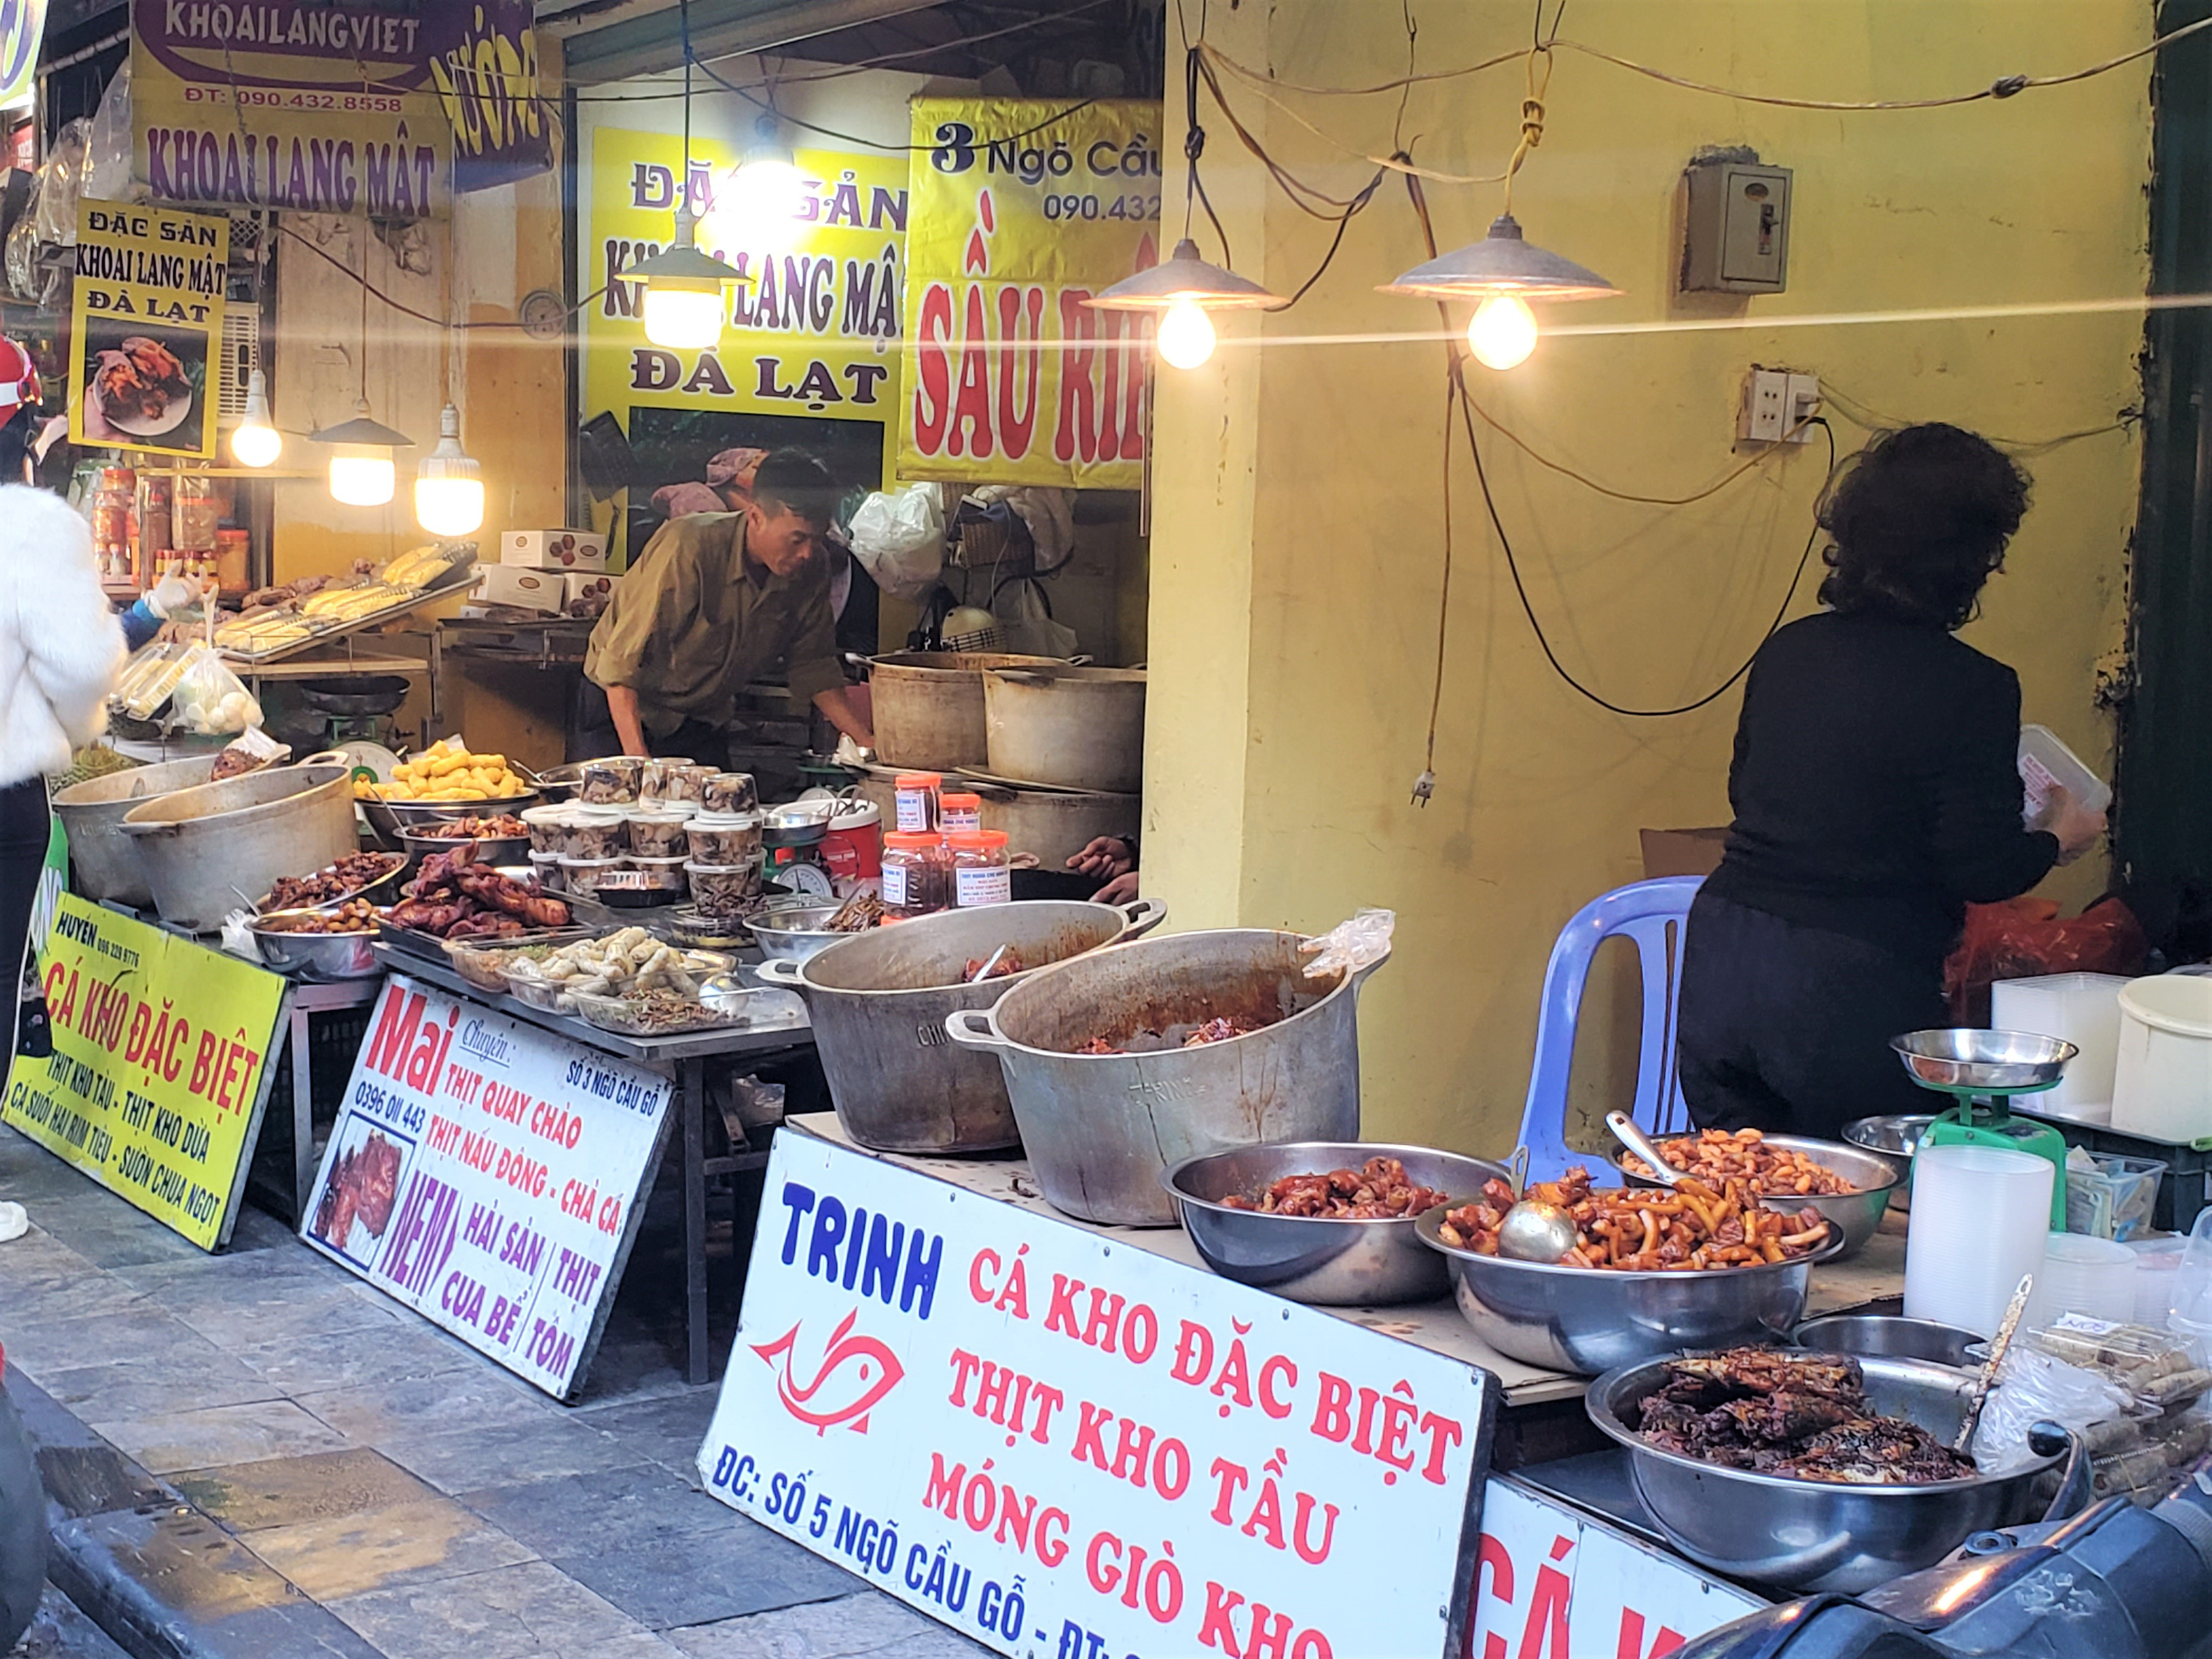 Khu chợ độc nhất Hà Nội: Mở vài tiếng bán hàng trăm cân cá kho, trời lạnh càng hút khách - Ảnh 3.